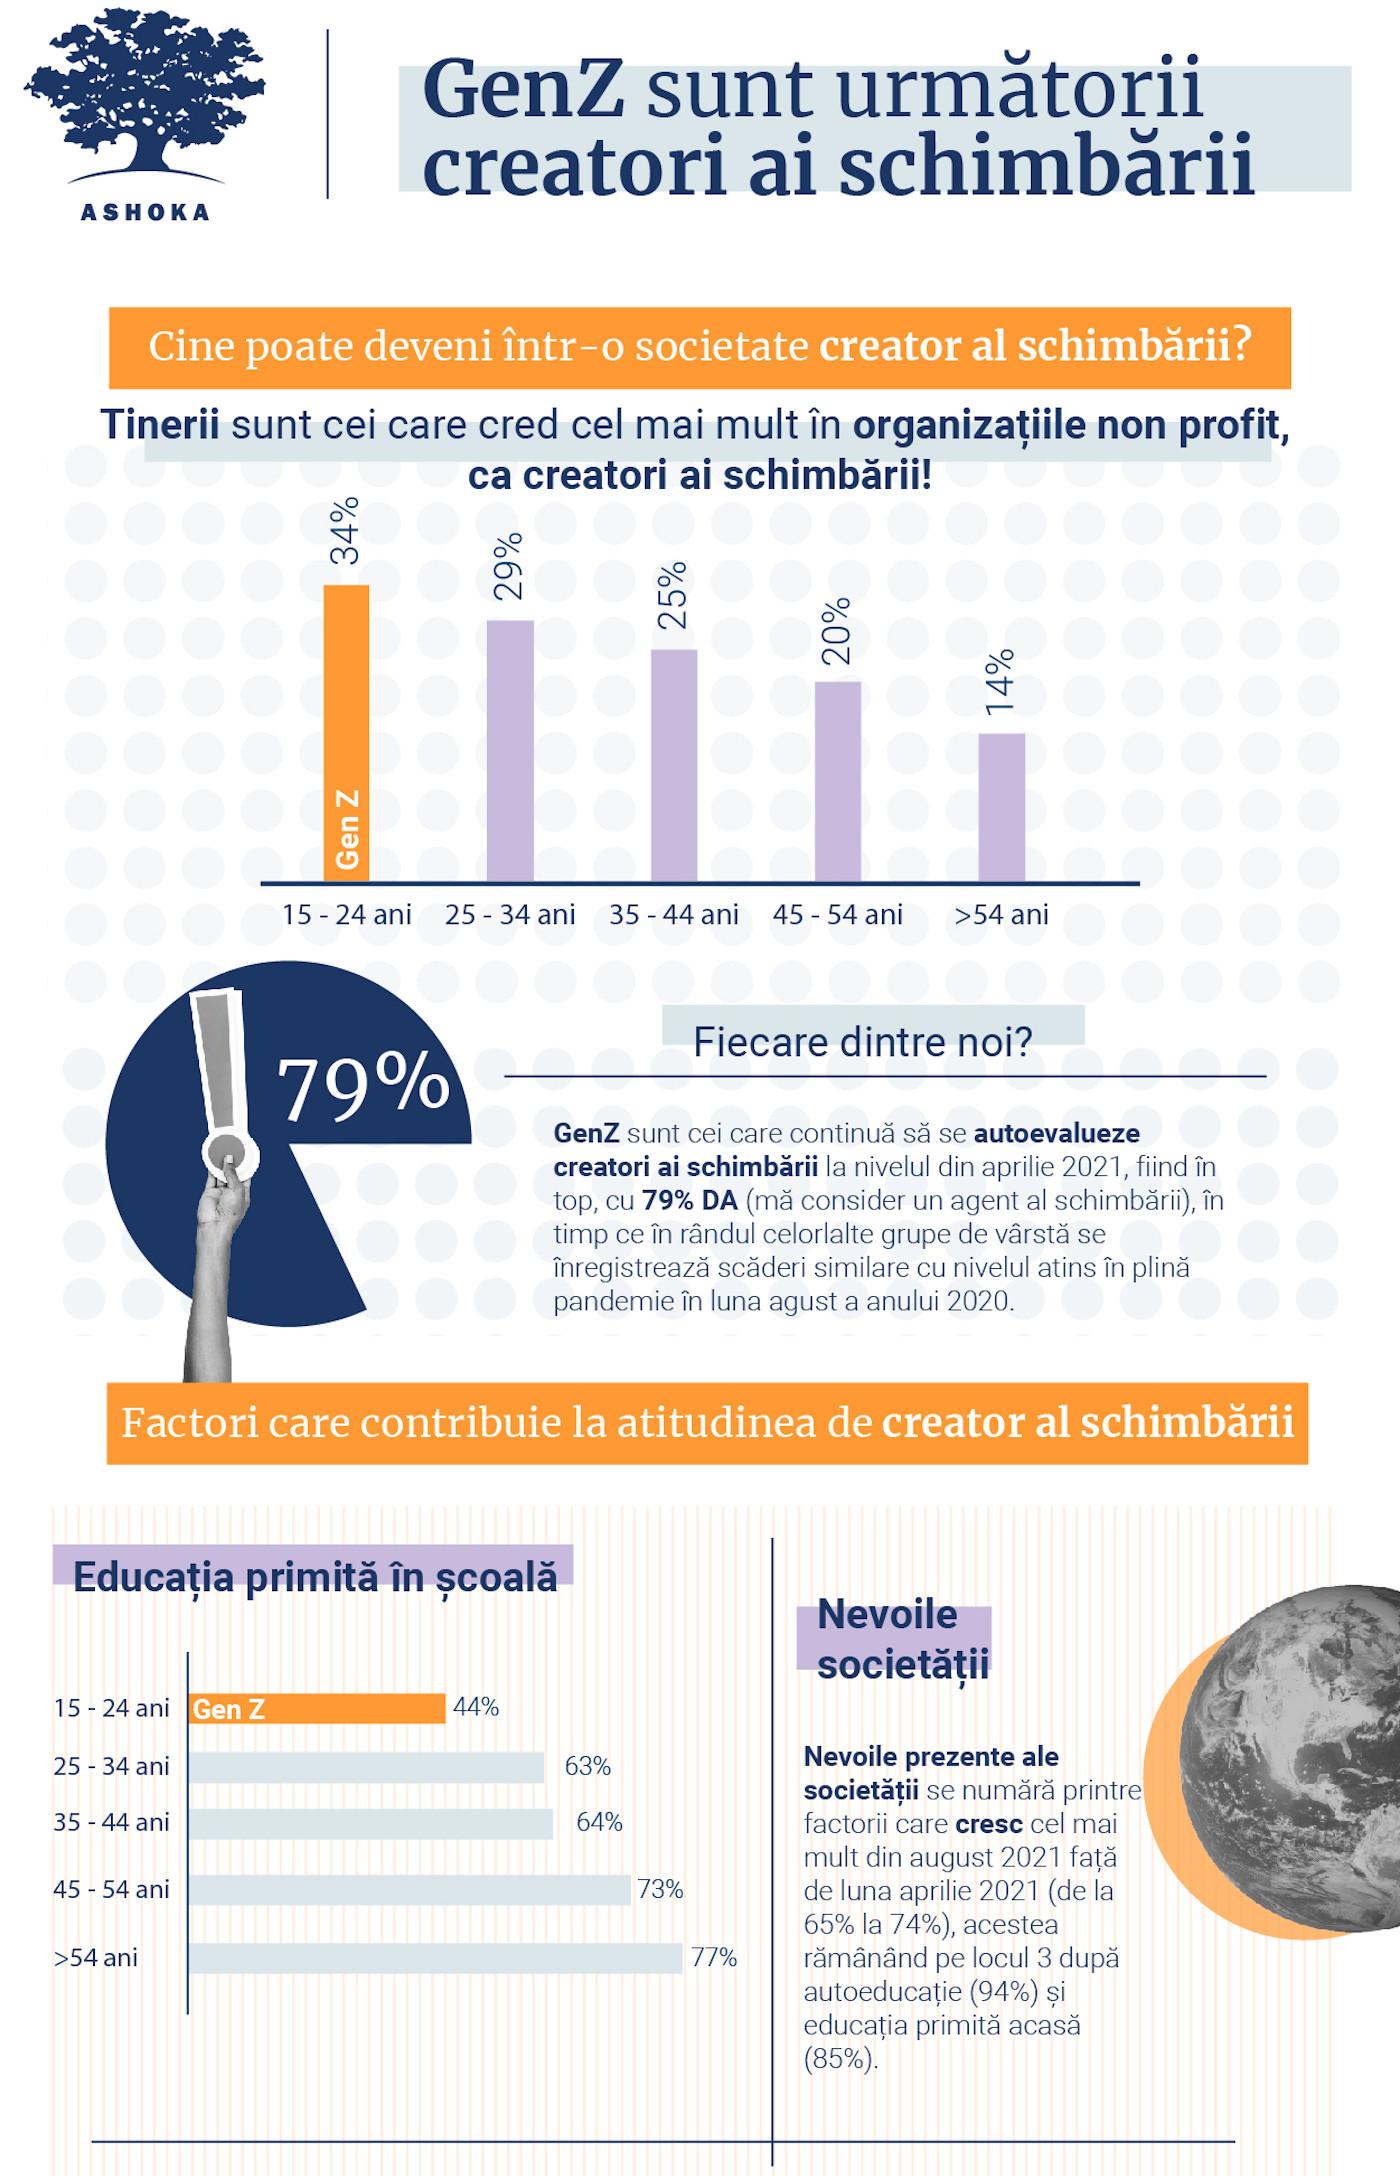 infografic 1 Barometru Ashoka Octombrie 2021